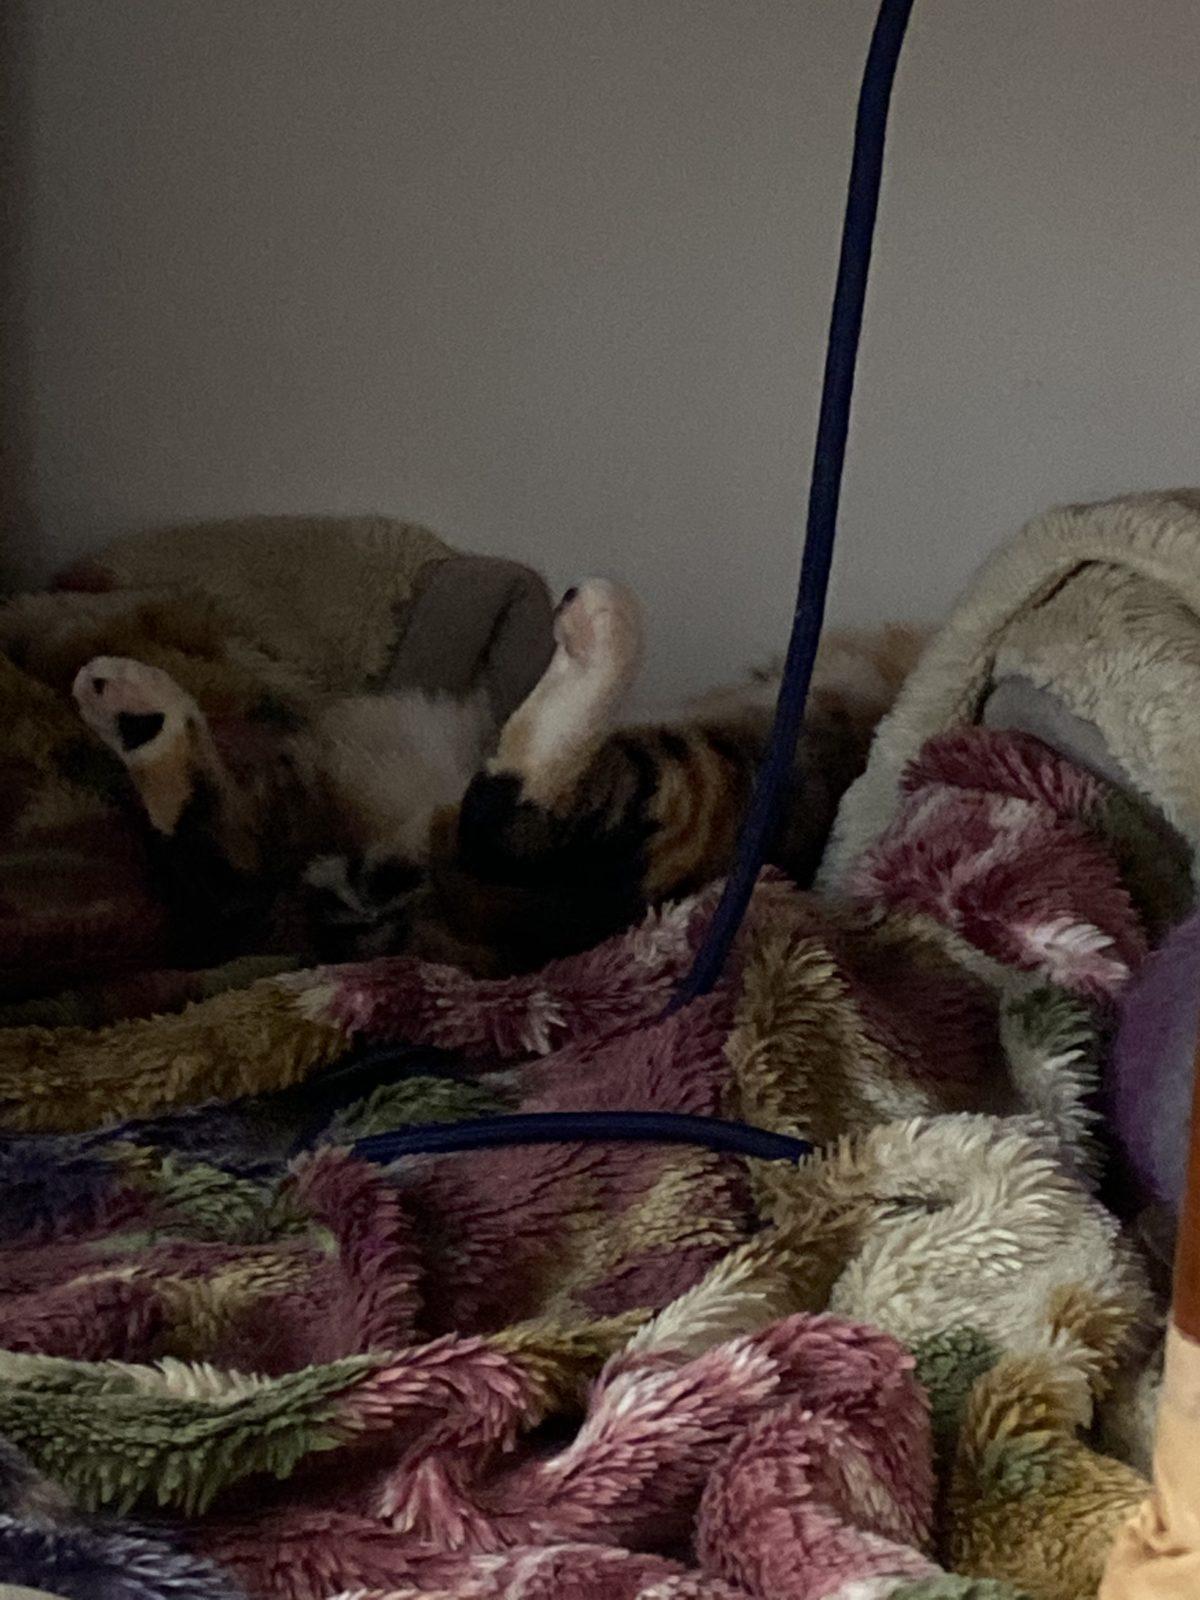 私の家の猫がひっくり返って寝ているところ